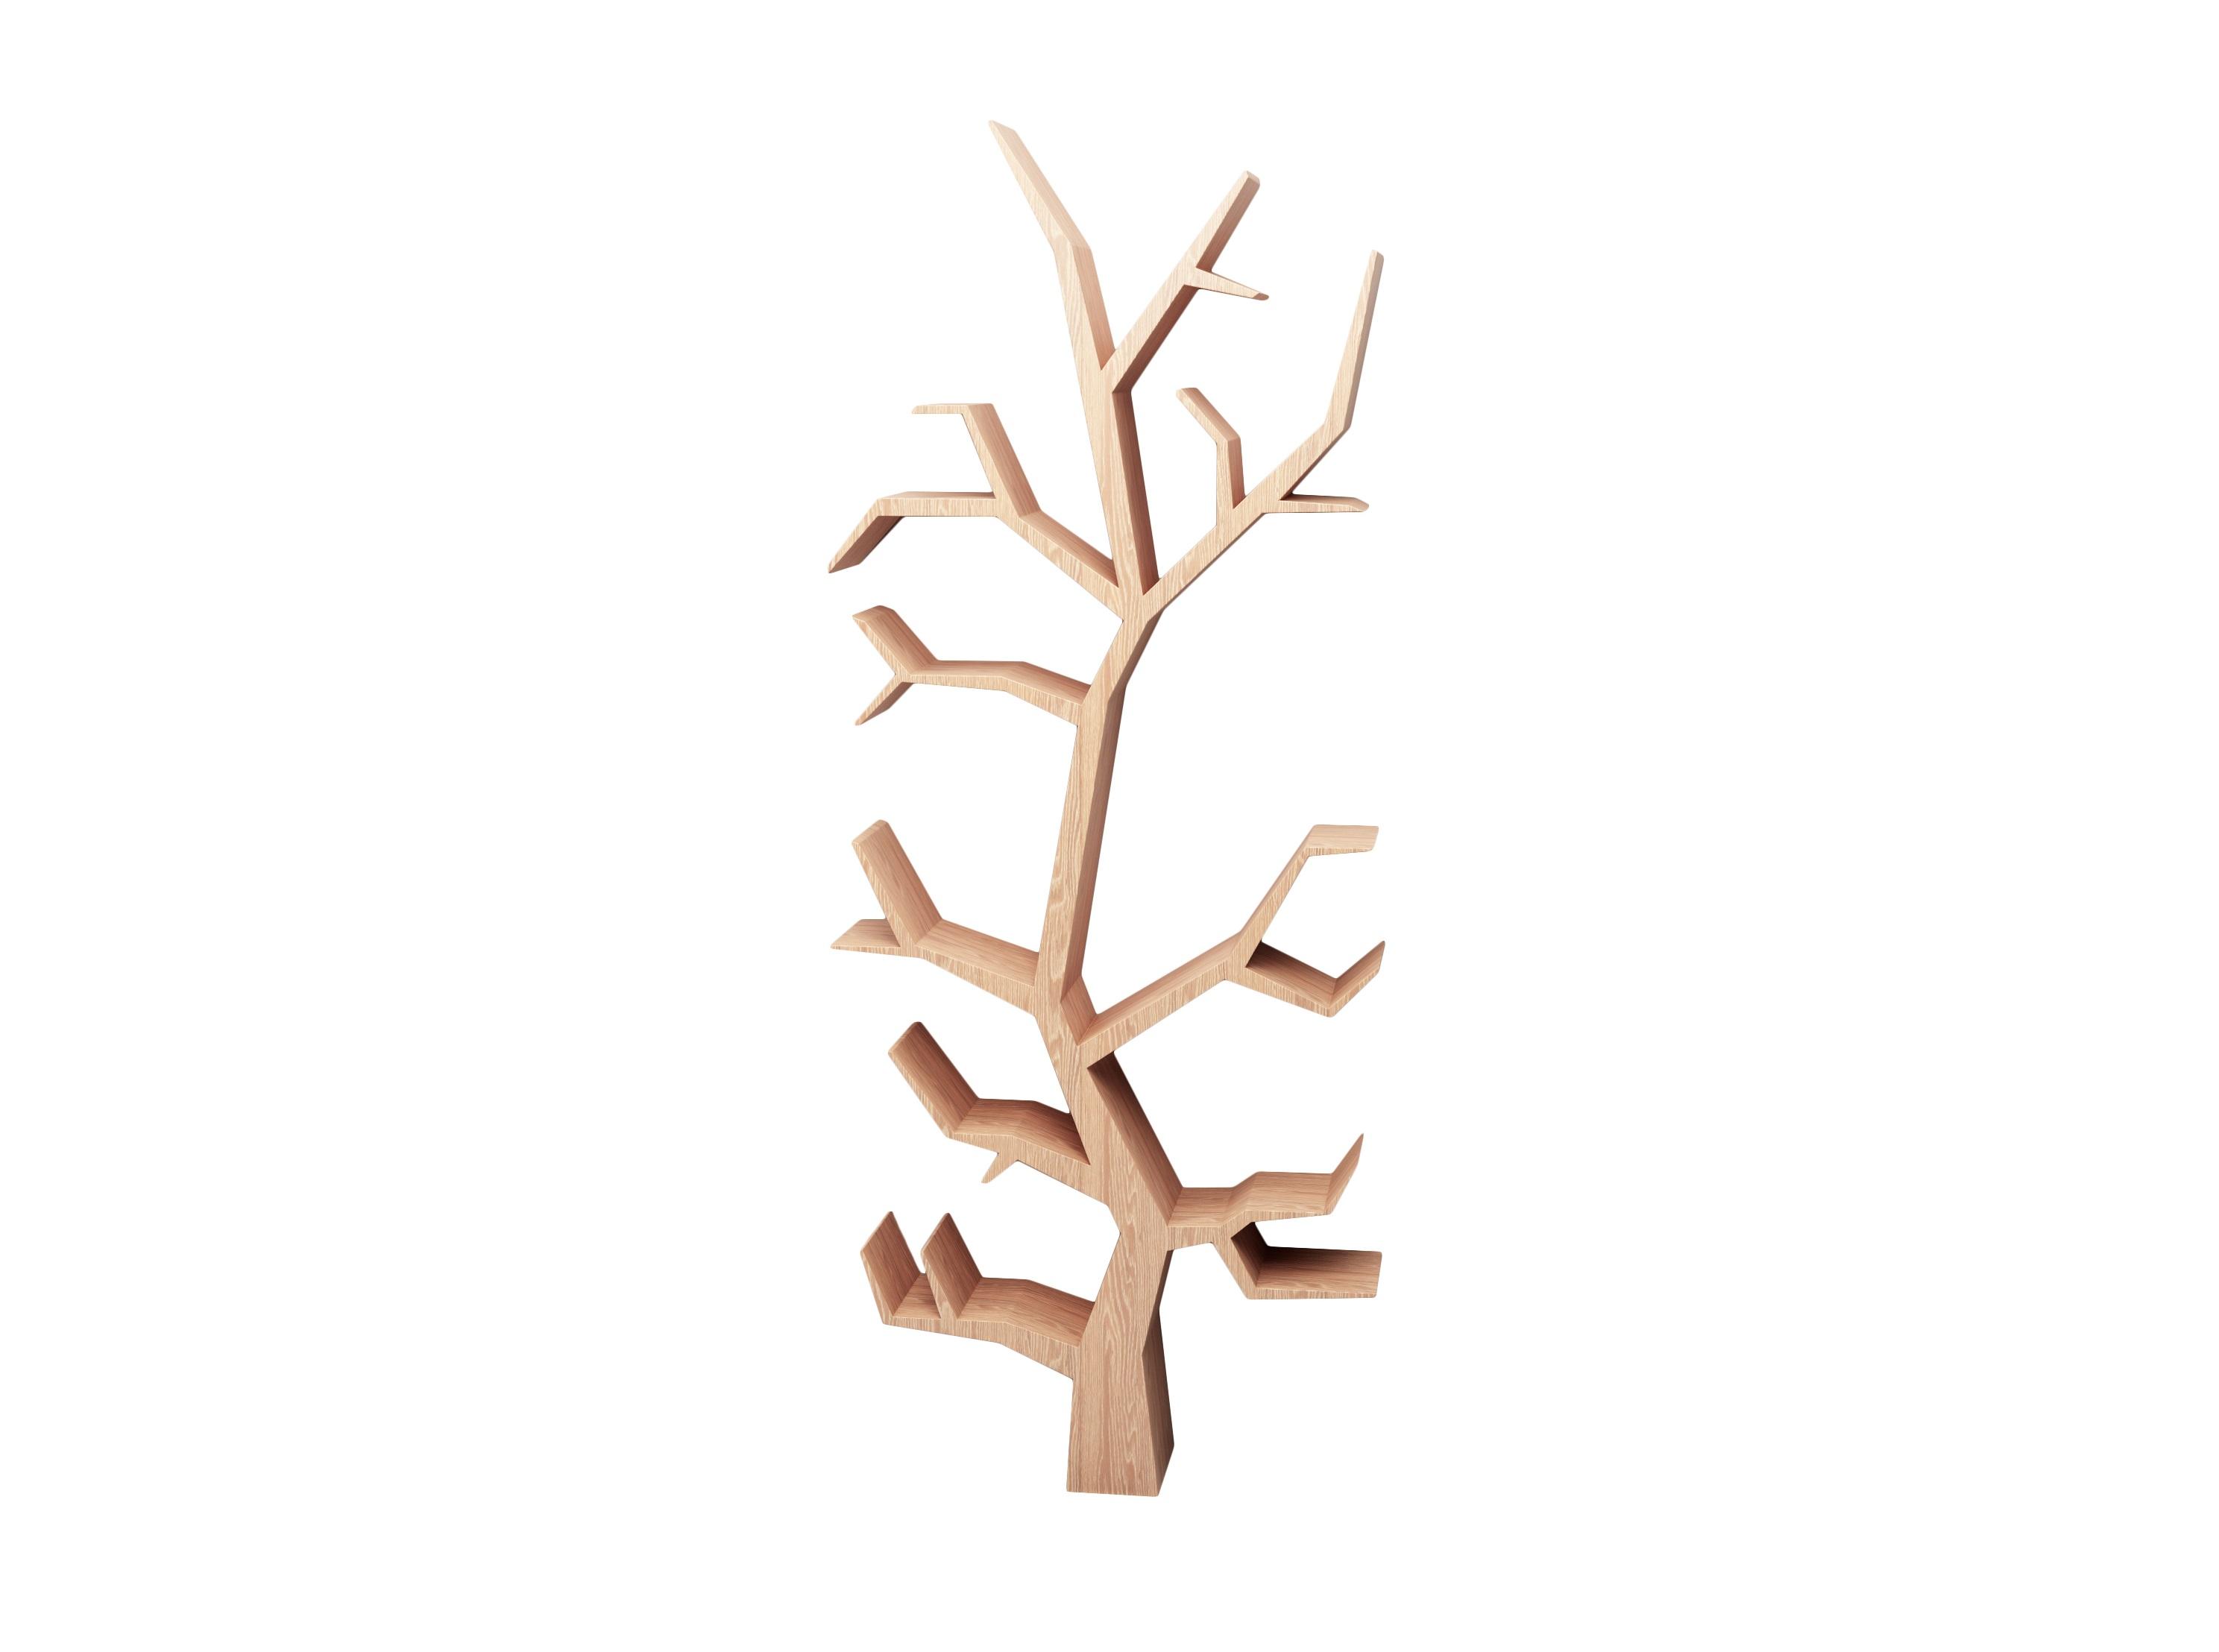 Стеллаж ДеревоСтеллажи и этажерки<br>&amp;lt;div&amp;gt;Креативный стеллаж в виде дерева, удобен для хранения книг и различных мелочей.&amp;amp;nbsp;&amp;lt;/div&amp;gt;&amp;lt;div&amp;gt;&amp;lt;br&amp;gt;&amp;lt;/div&amp;gt;&amp;lt;div&amp;gt;Материал: МДФ, шпон&amp;amp;nbsp;&amp;lt;/div&amp;gt;<br><br>Material: МДФ<br>Ширина см: 89.0<br>Высота см: 229.0<br>Глубина см: 24.0